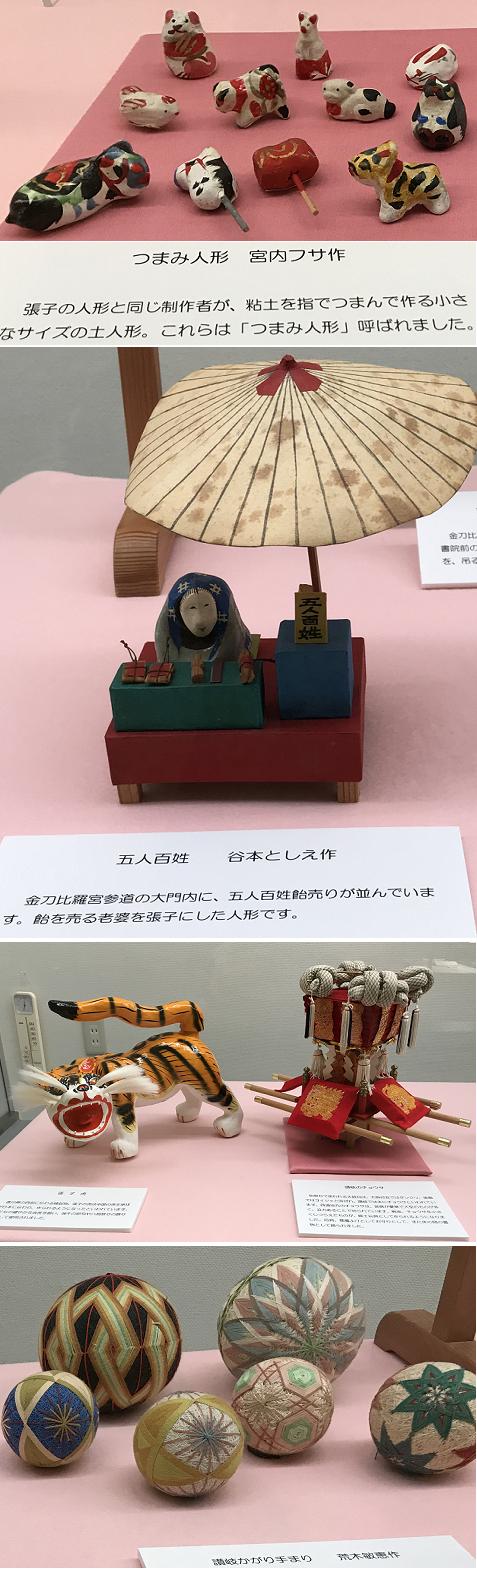 20191013資料館ミニおもちゃ展2